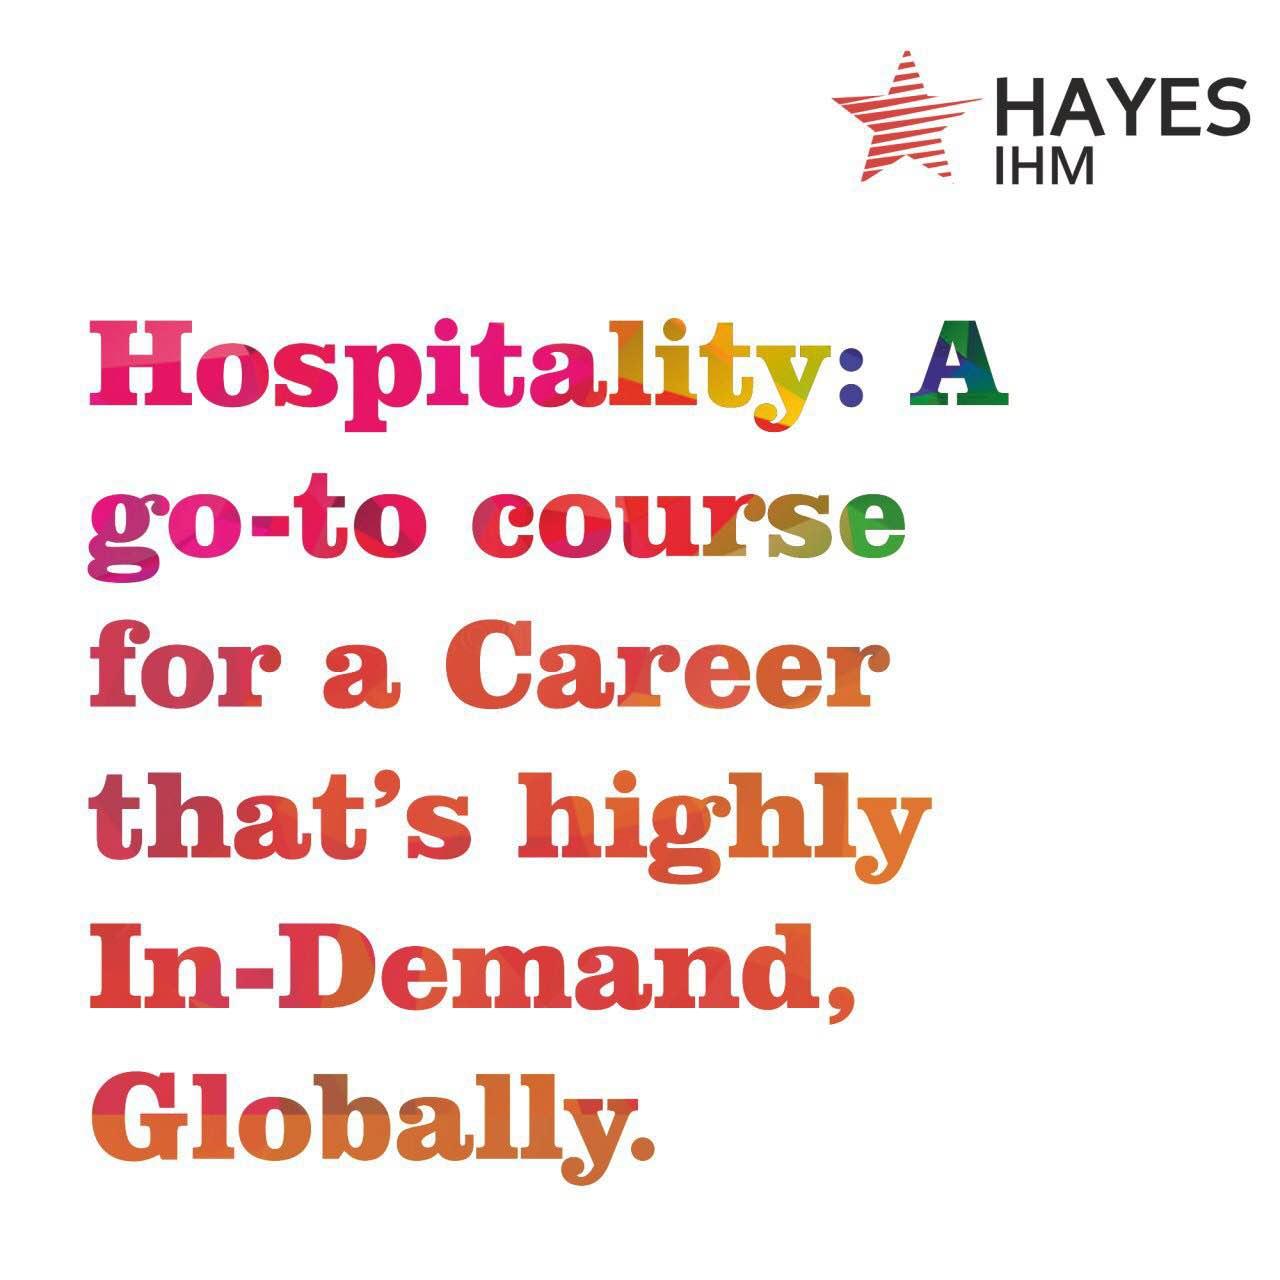 Hospitality: A go-to